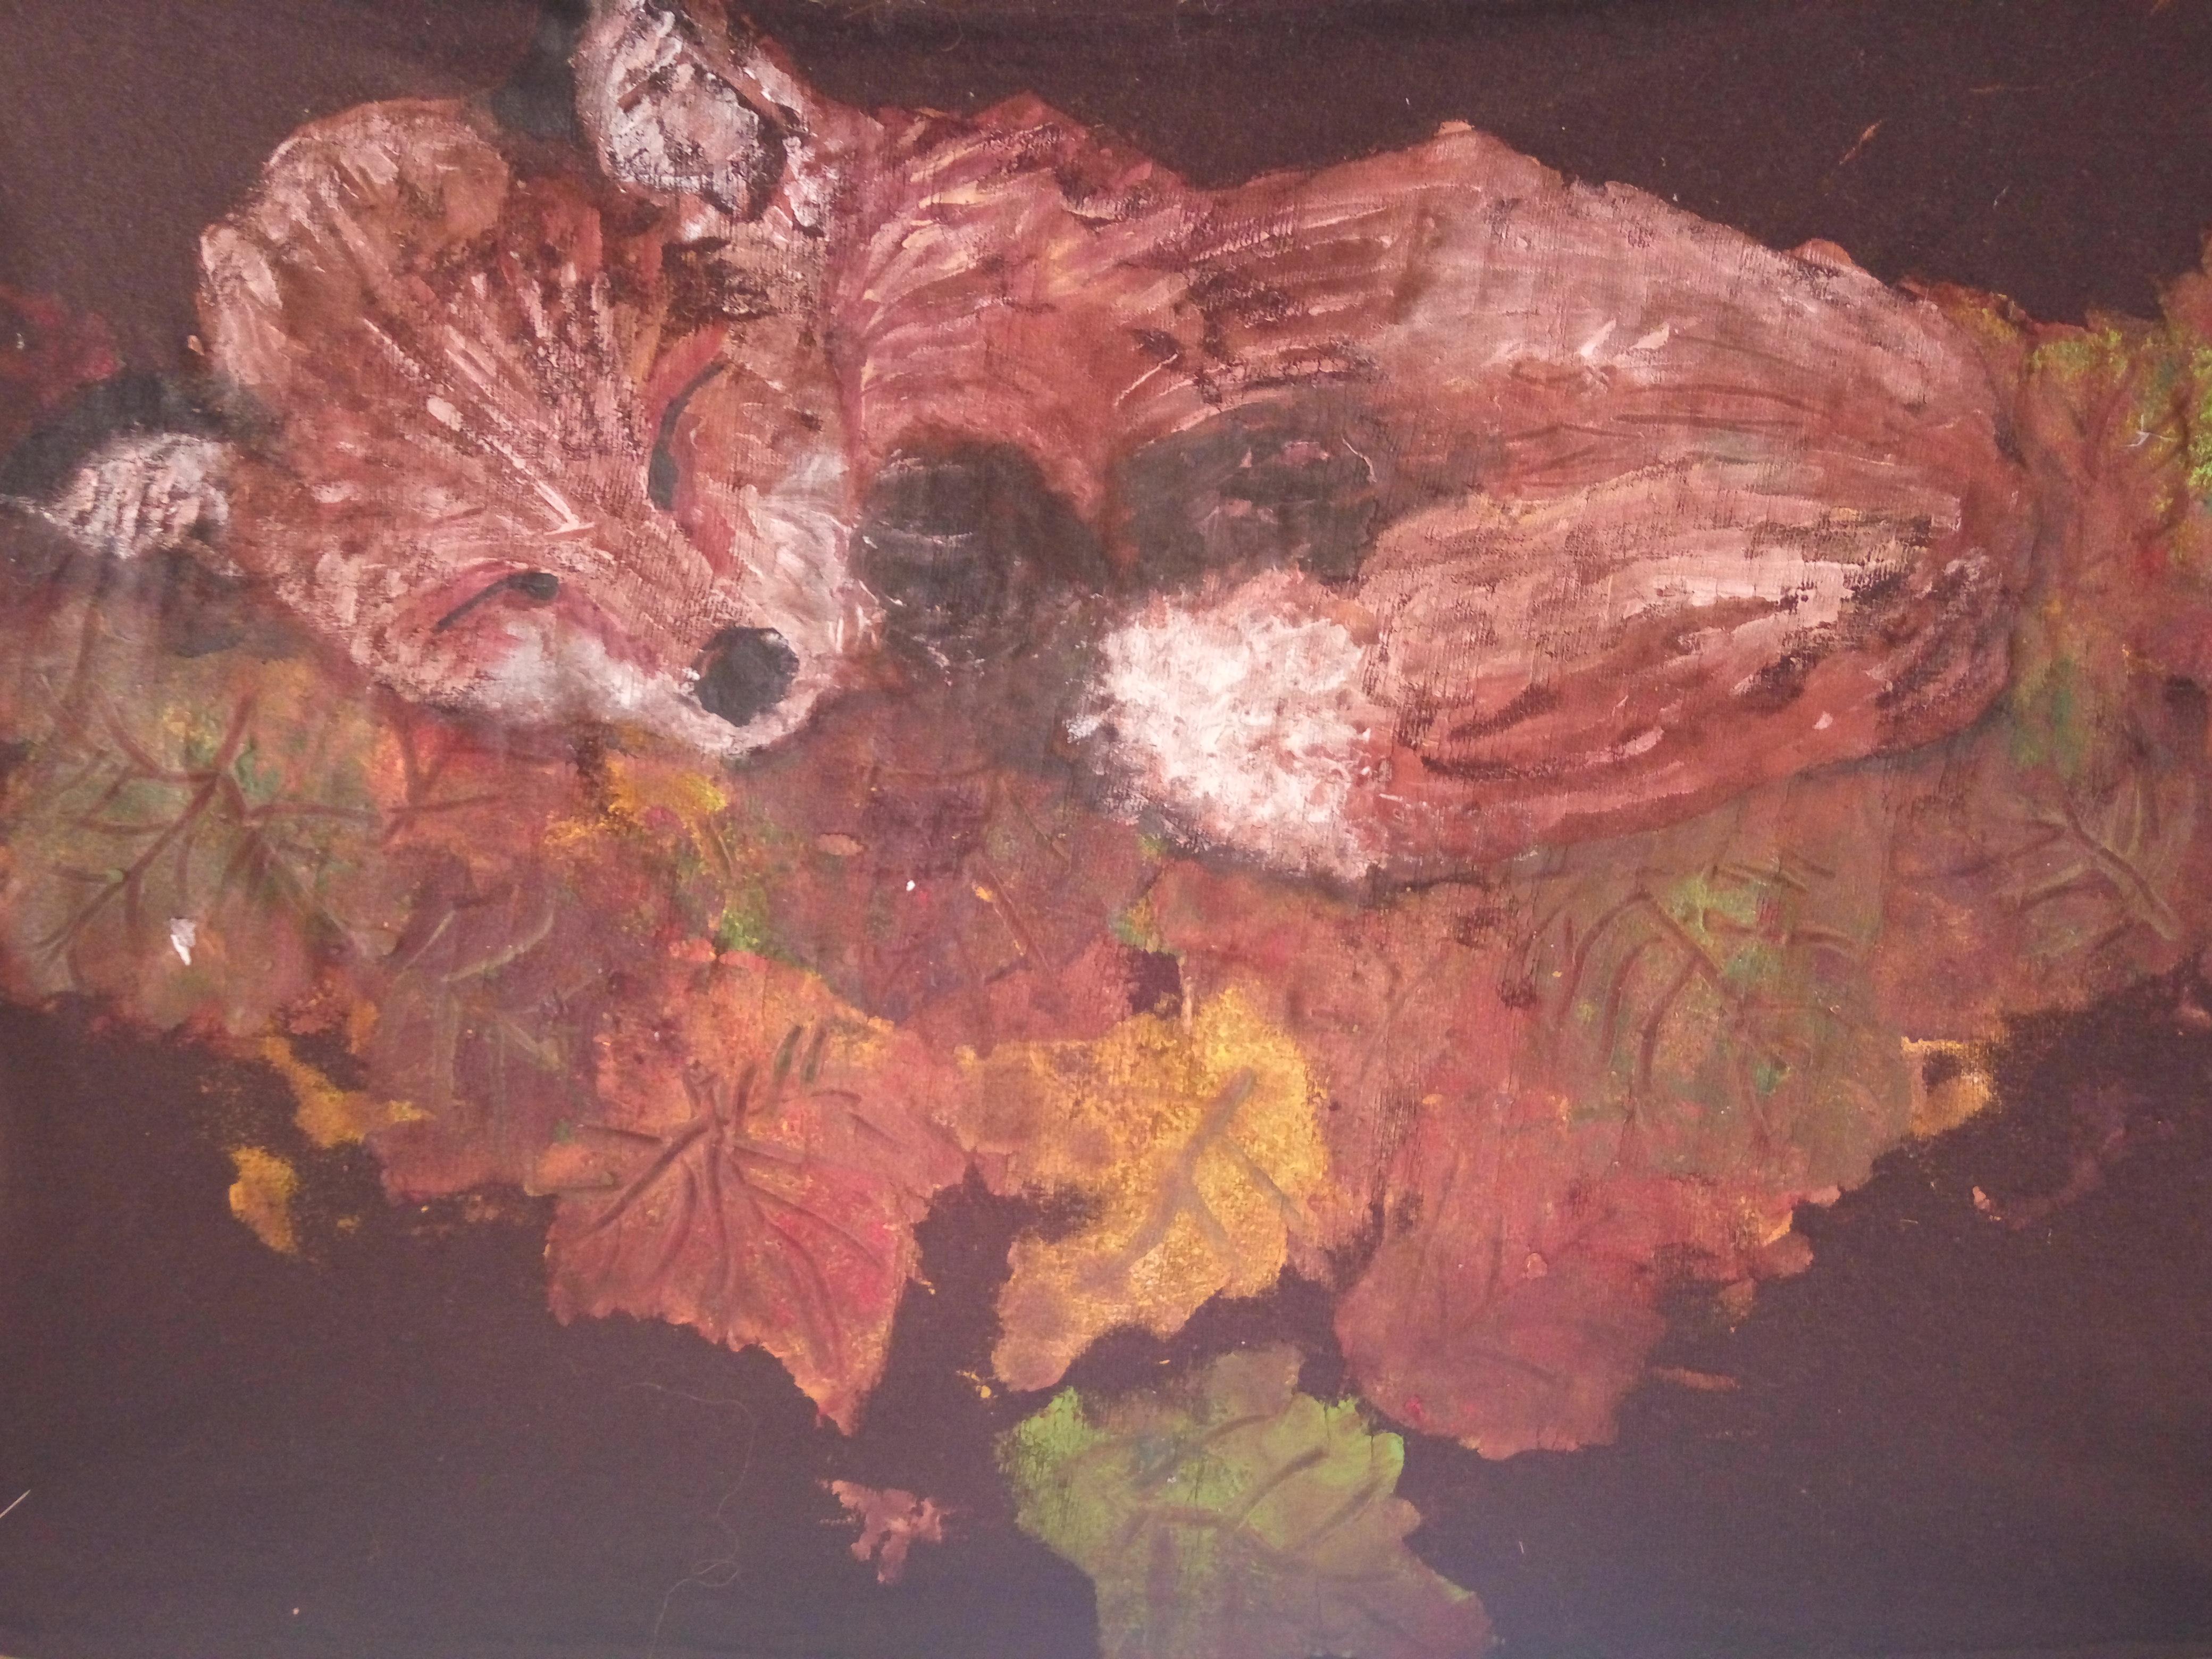 ציור בצבעי טקסטיל על בד